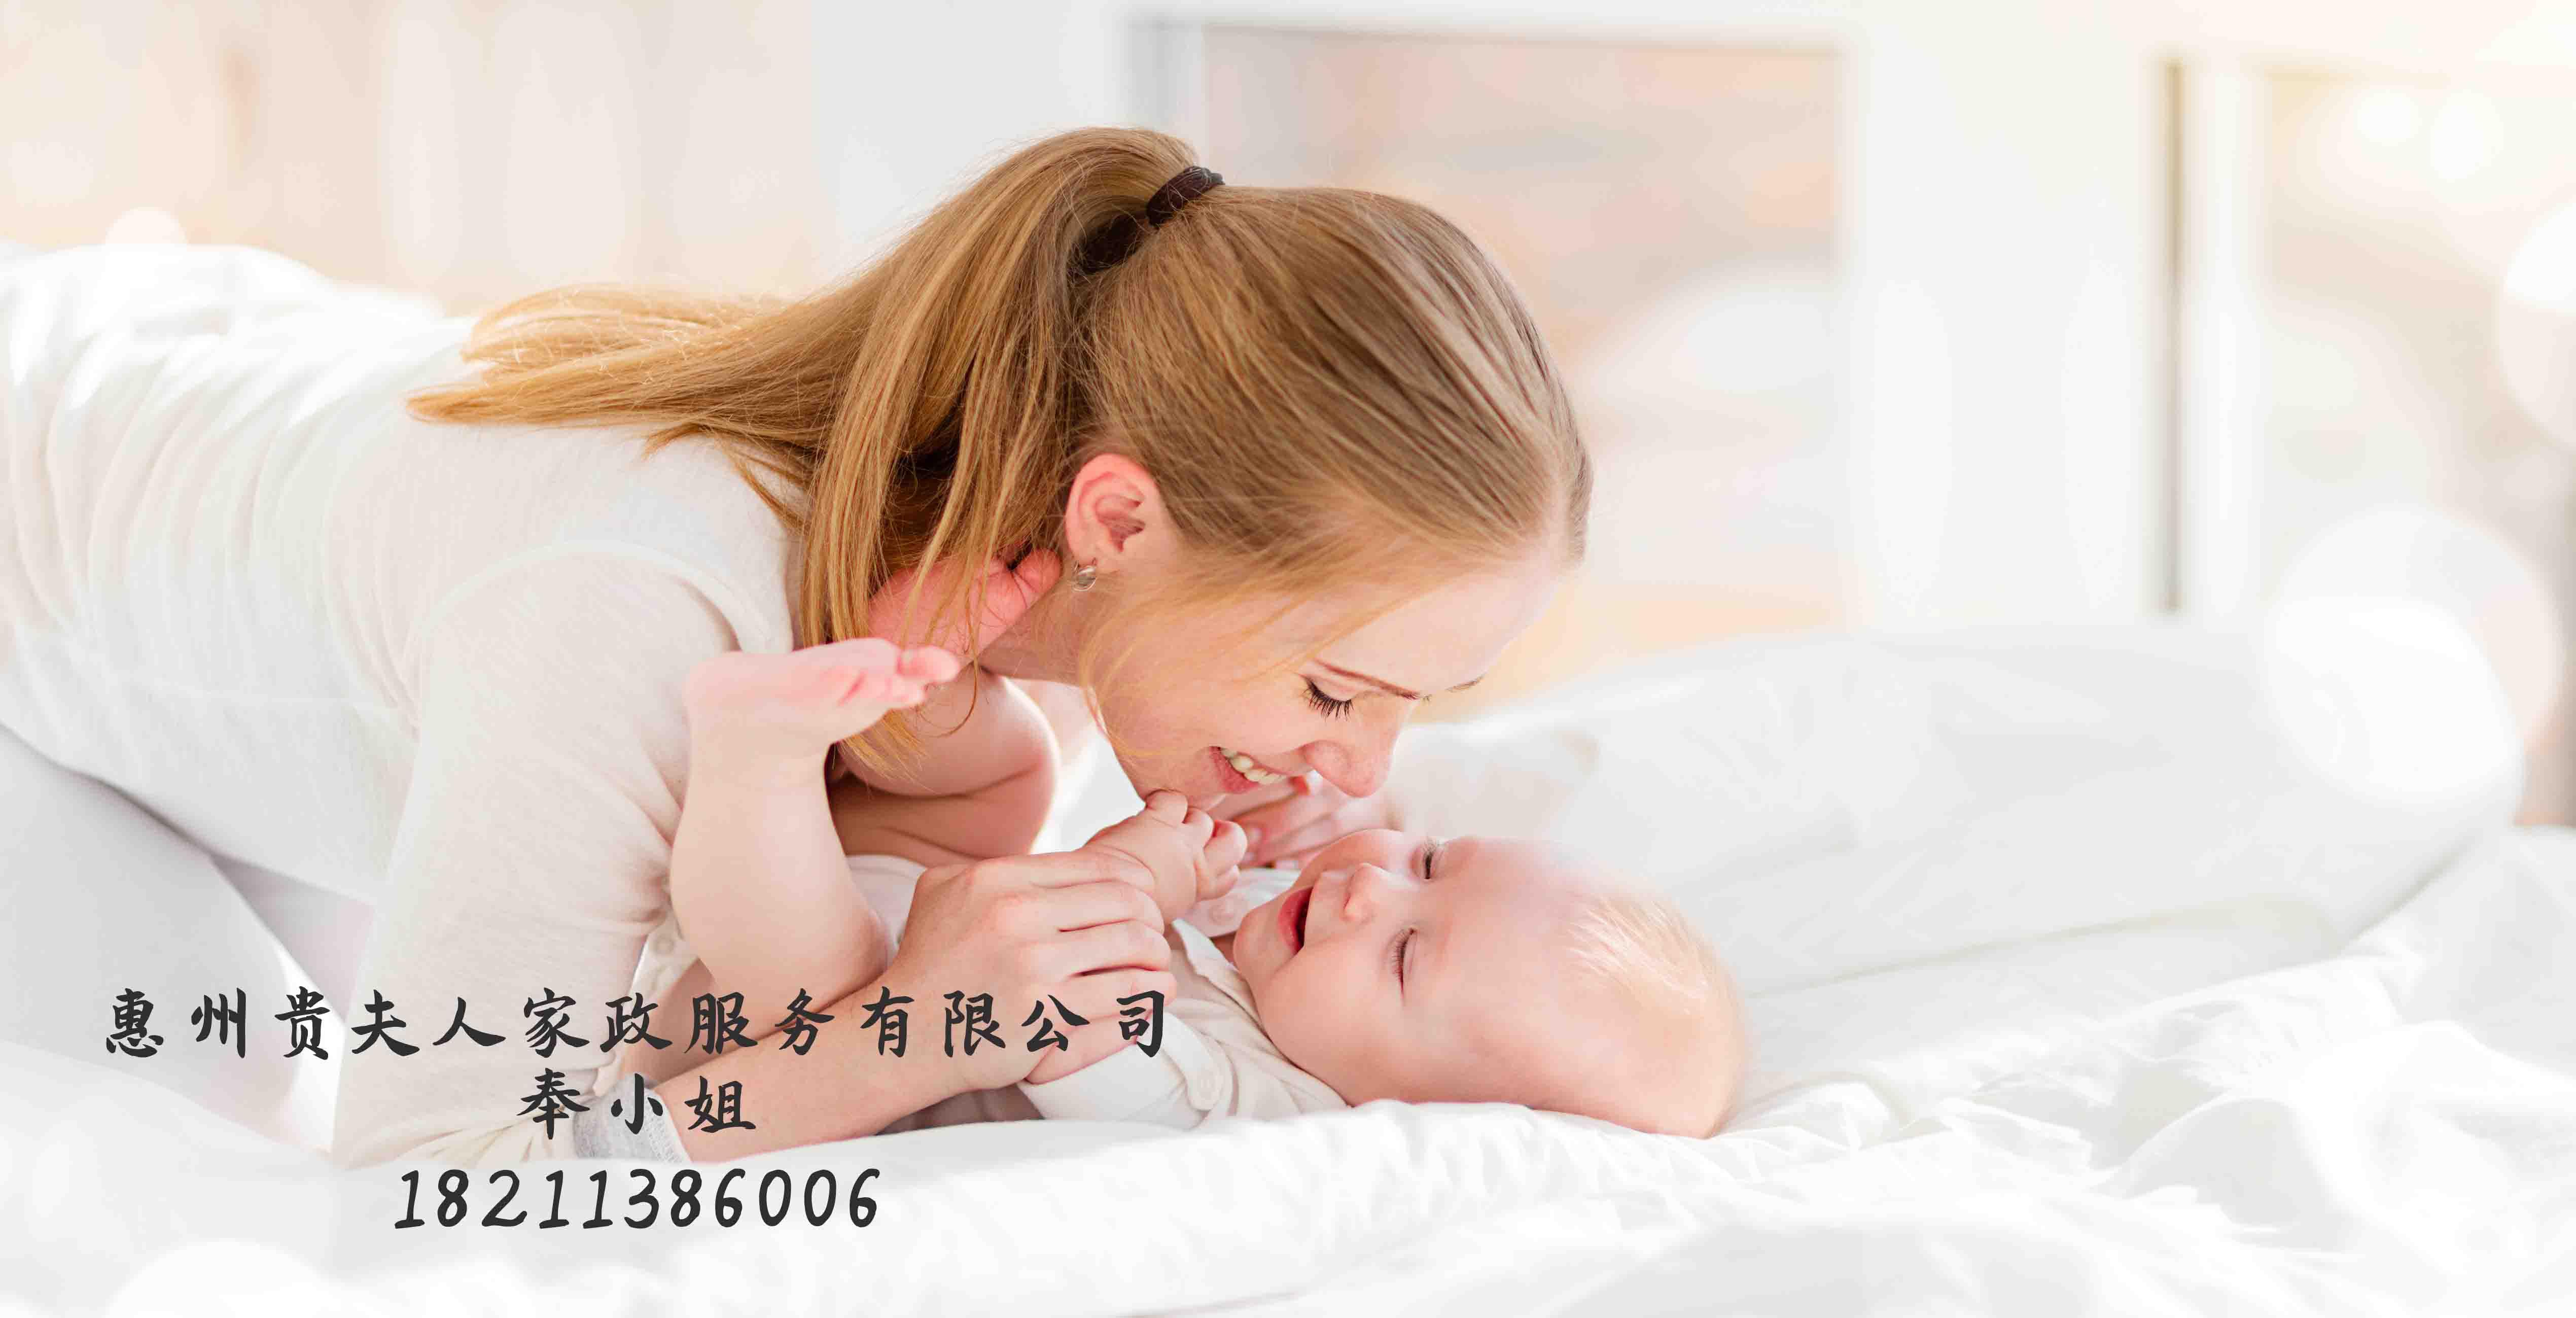 月嫂,月嫂服务,月嫂培训,月嫂公司,母婴护理-贵夫人月嫂